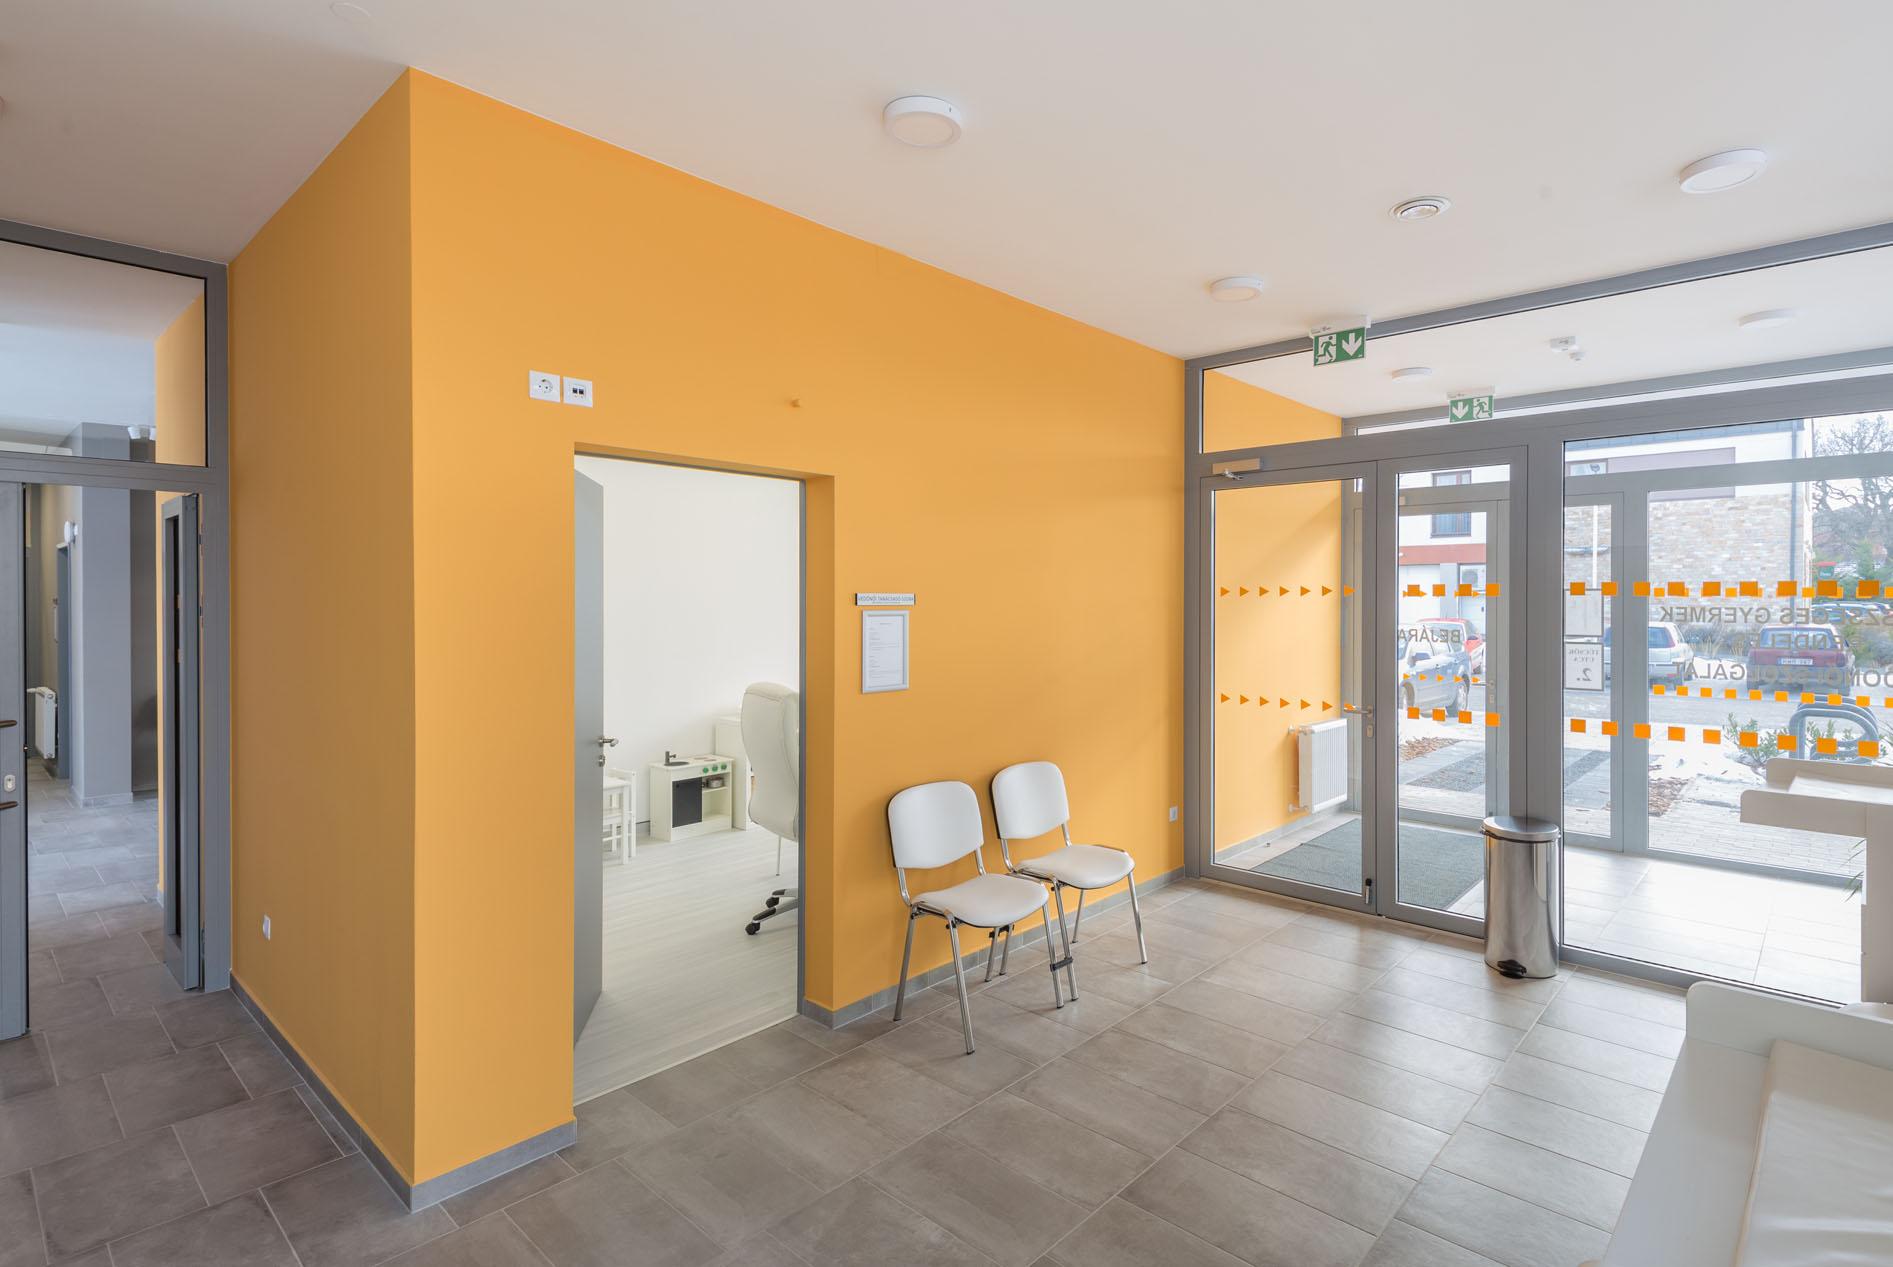 Új orvosi rendelő épületének teljes körű kivitelezése Telkiben